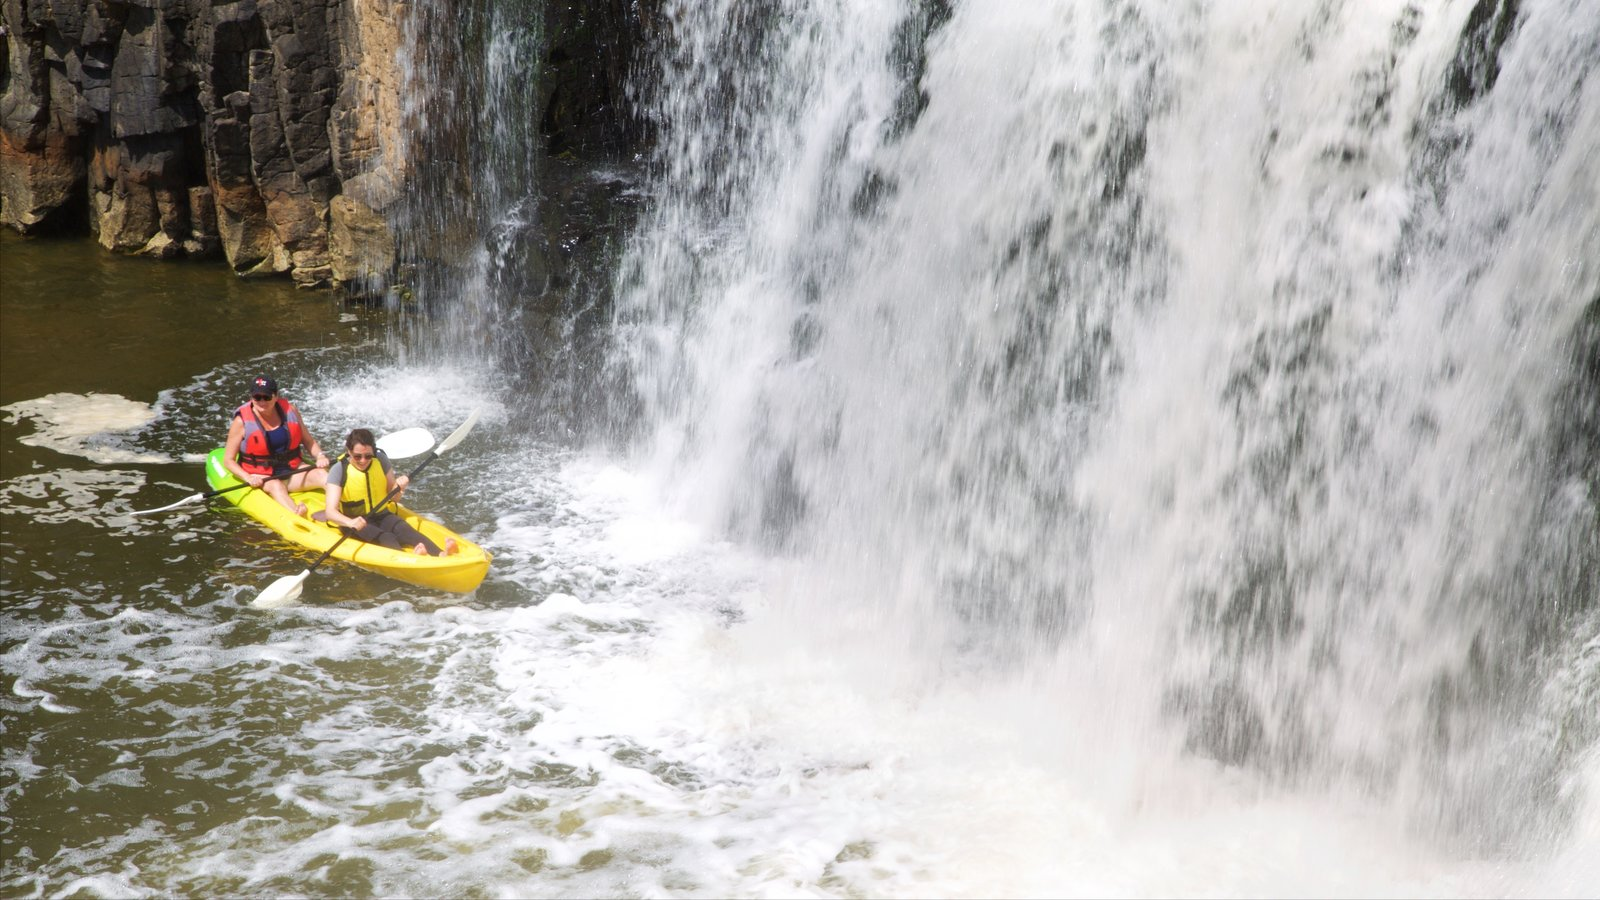 Cascadas de Hururu ofreciendo una catarata, un río o arroyo y kayak o canoa